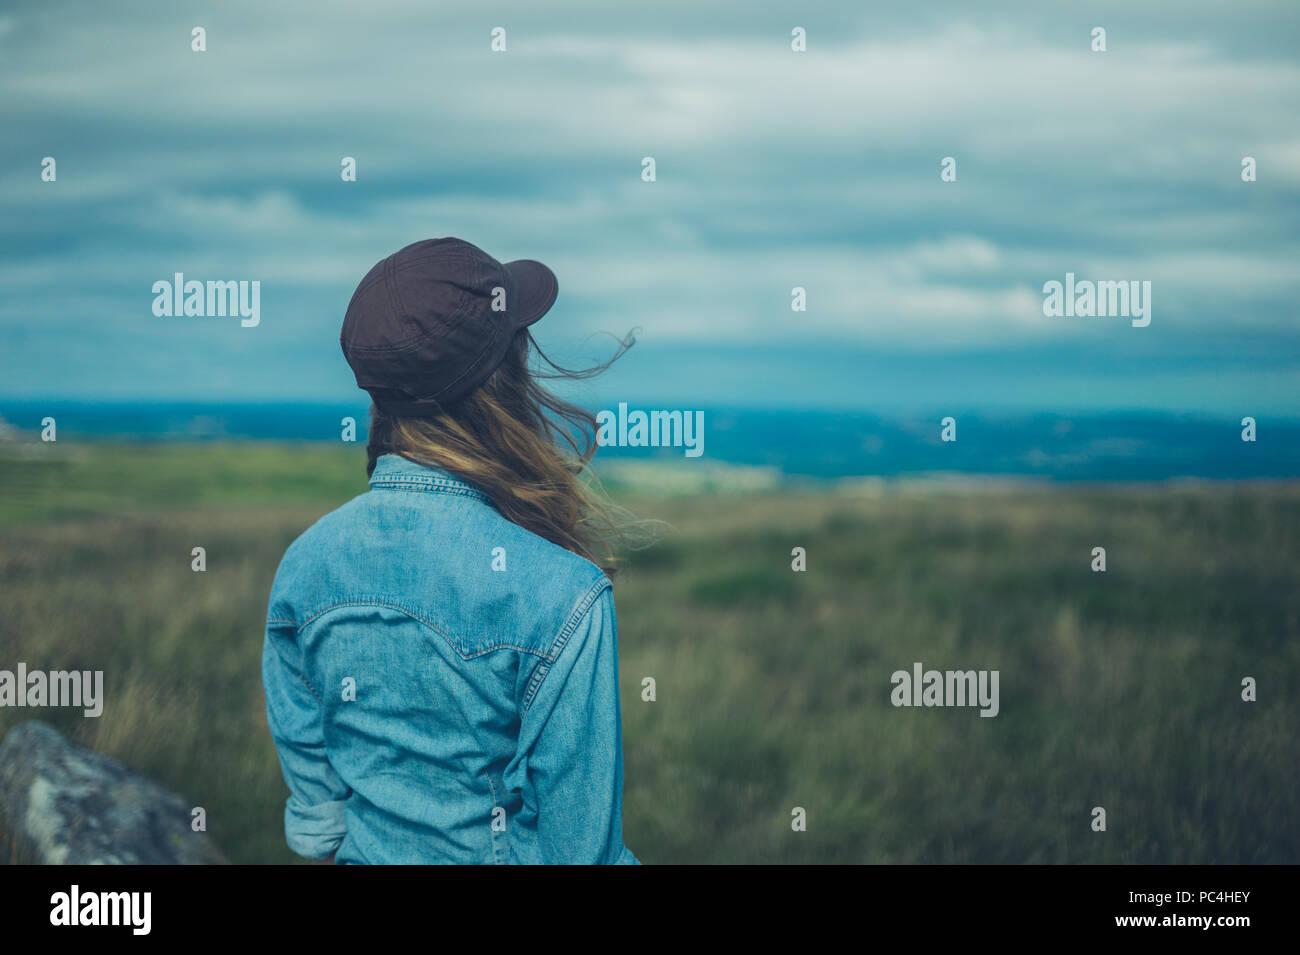 Eine junge Frau trägt einen Baseball Cap steht auf einem Hügel Stockbild